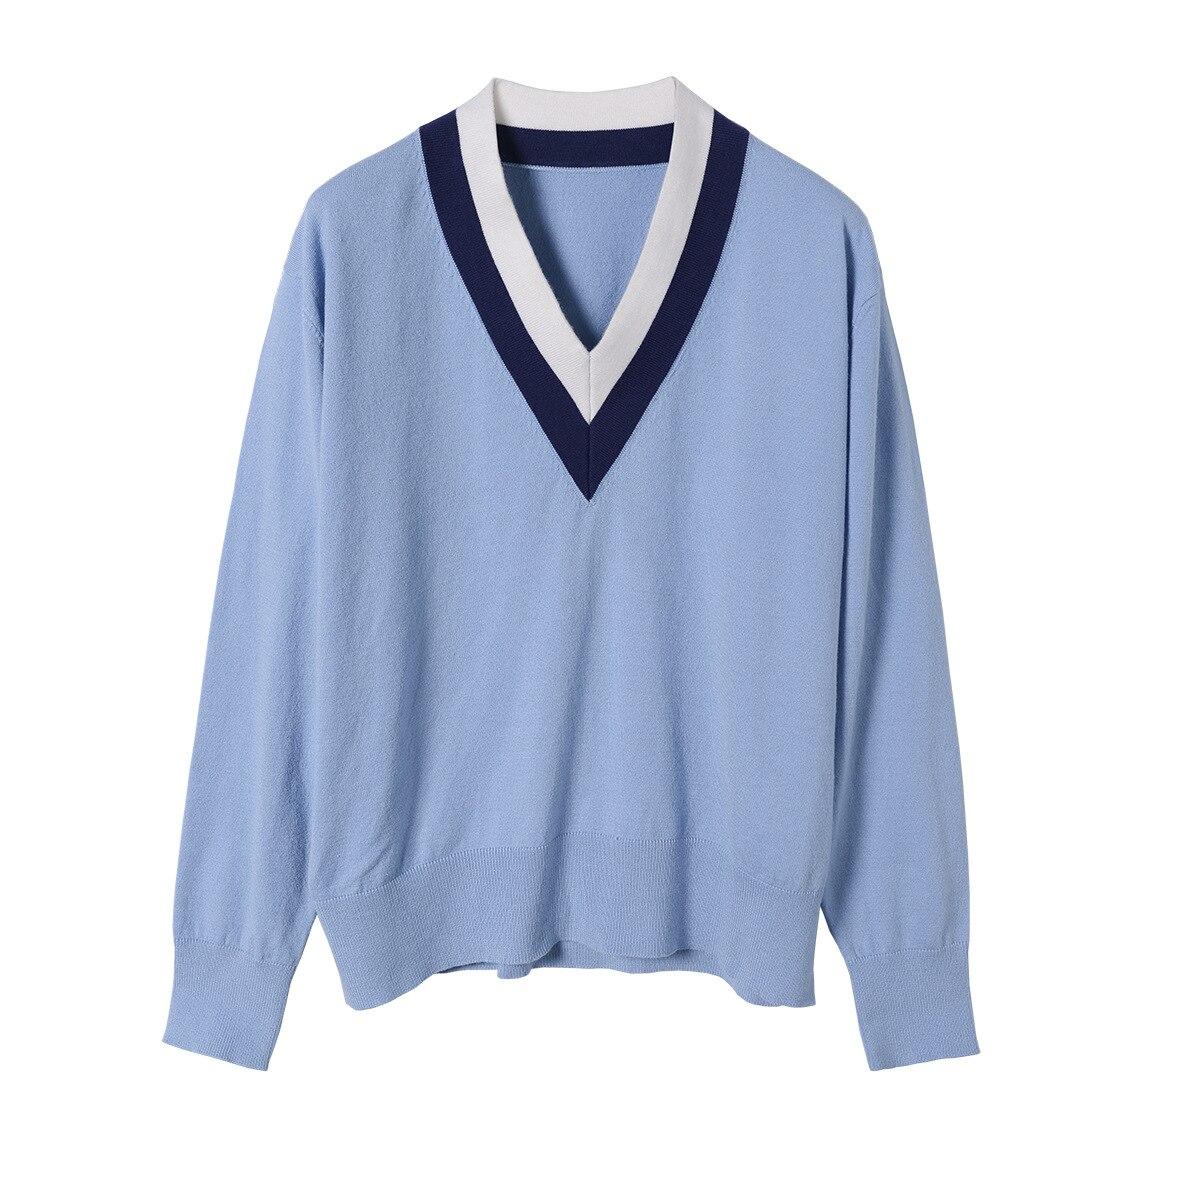 Camisola das mulheres 2019 Gola V Vitalidade Selvagem Maré Camisa Camisola Camisola das Mulheres